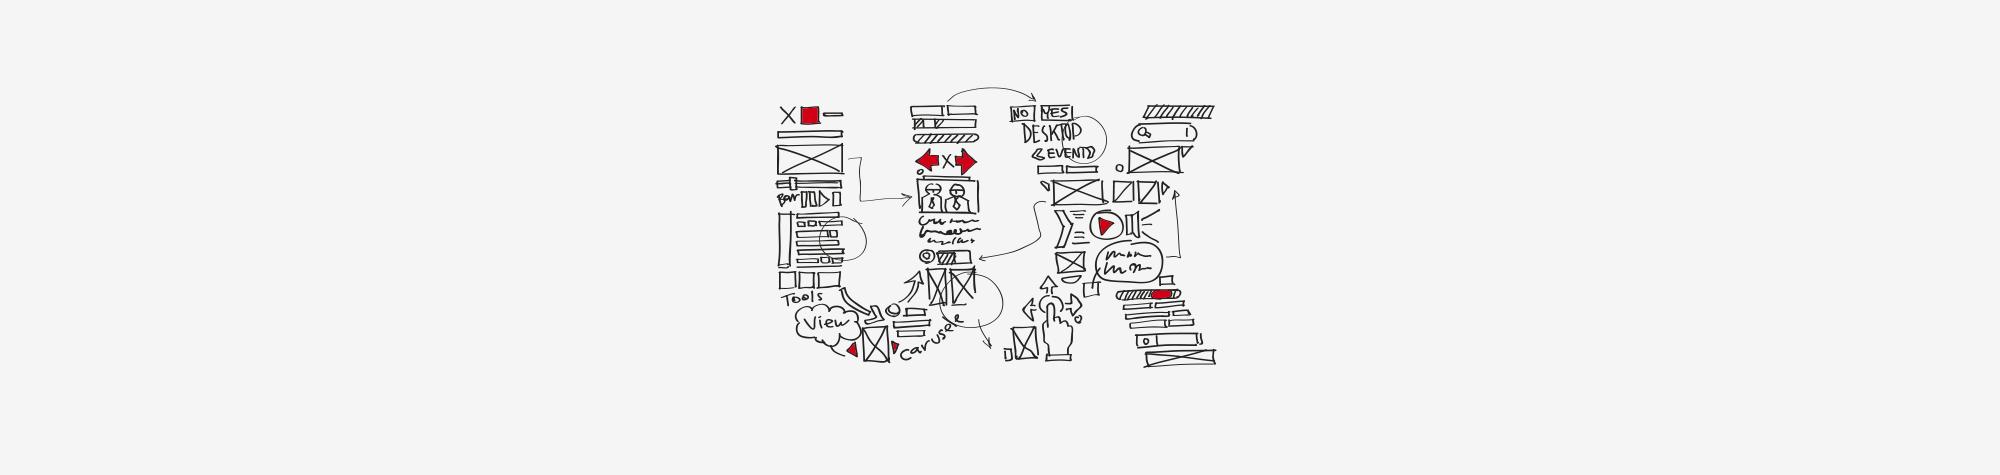 Qué es la usabilidad web y cómo te puede ayudar a vender más